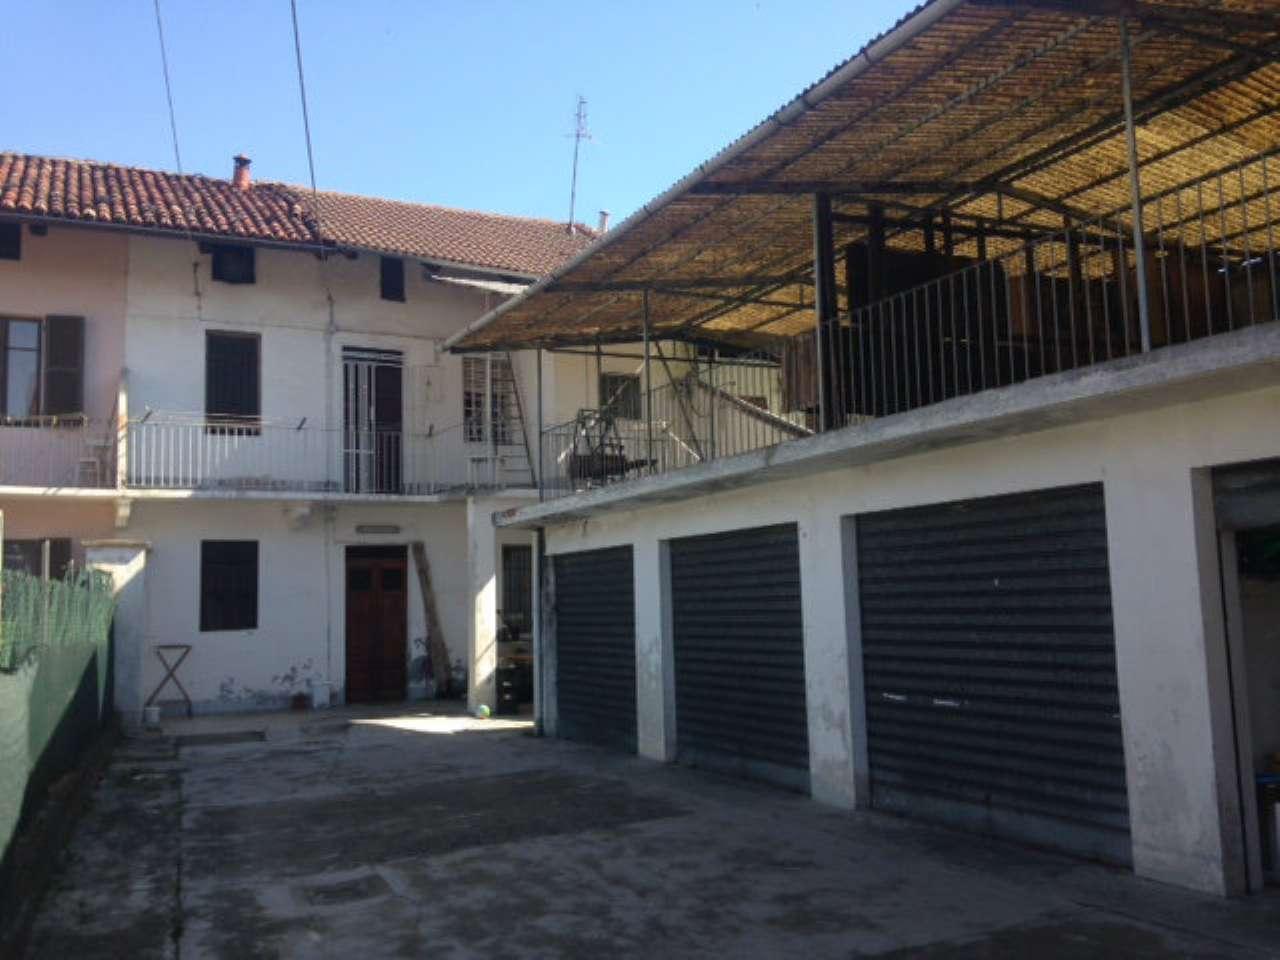 Rustico / Casale in vendita a Leini, 6 locali, prezzo € 158.000 | CambioCasa.it